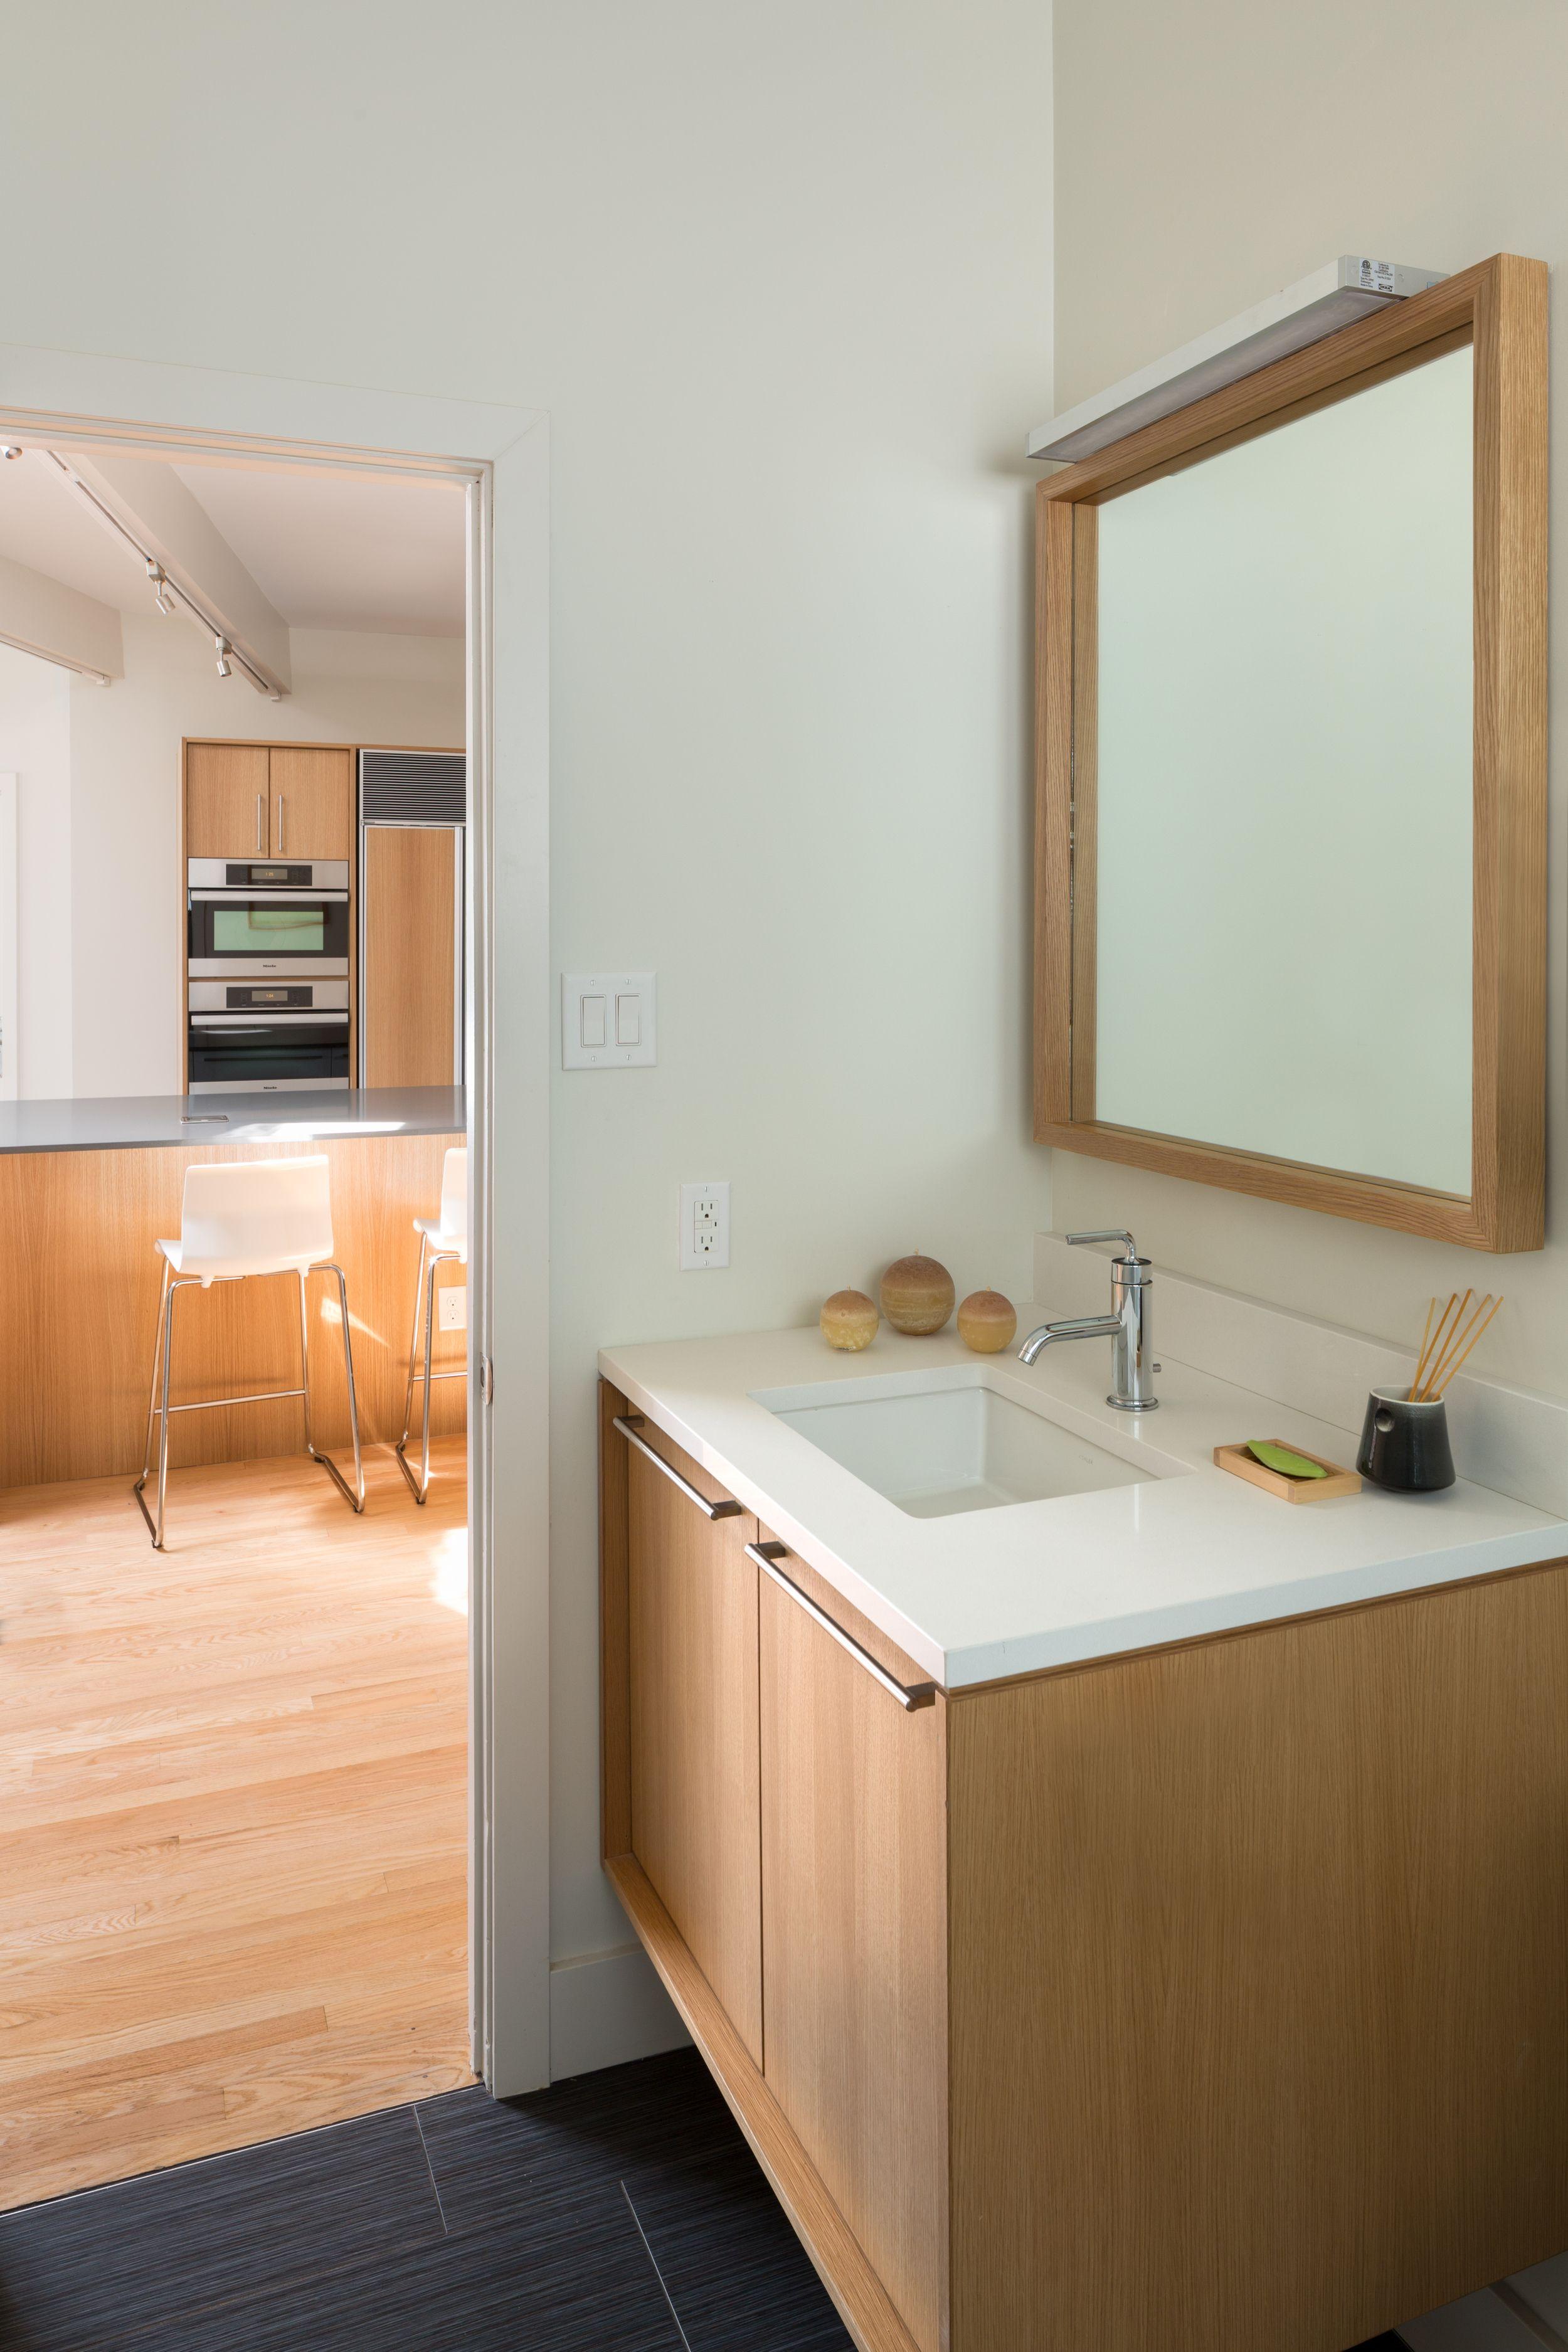 Bathroom Design Denver Adorable Powers Ave Langley Hawthorne  Design Platform  Bathroom Remodel Inspiration